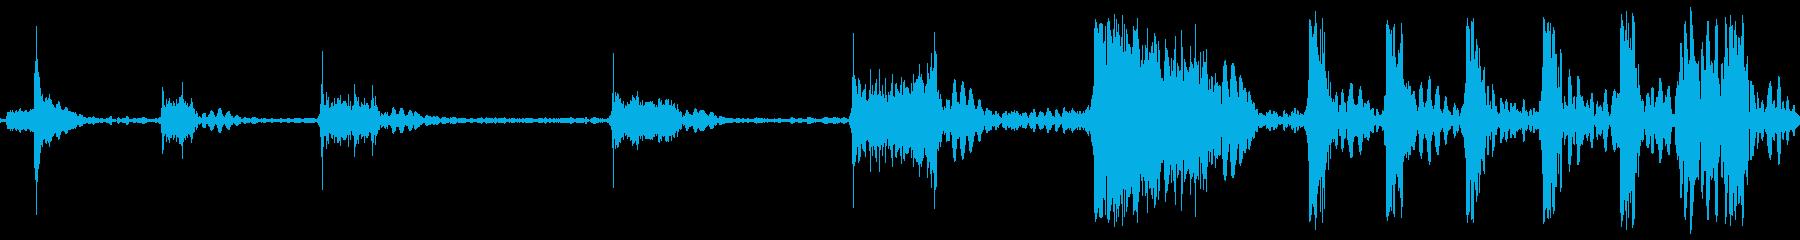 ロケットアフターバーナー火炎sの再生済みの波形